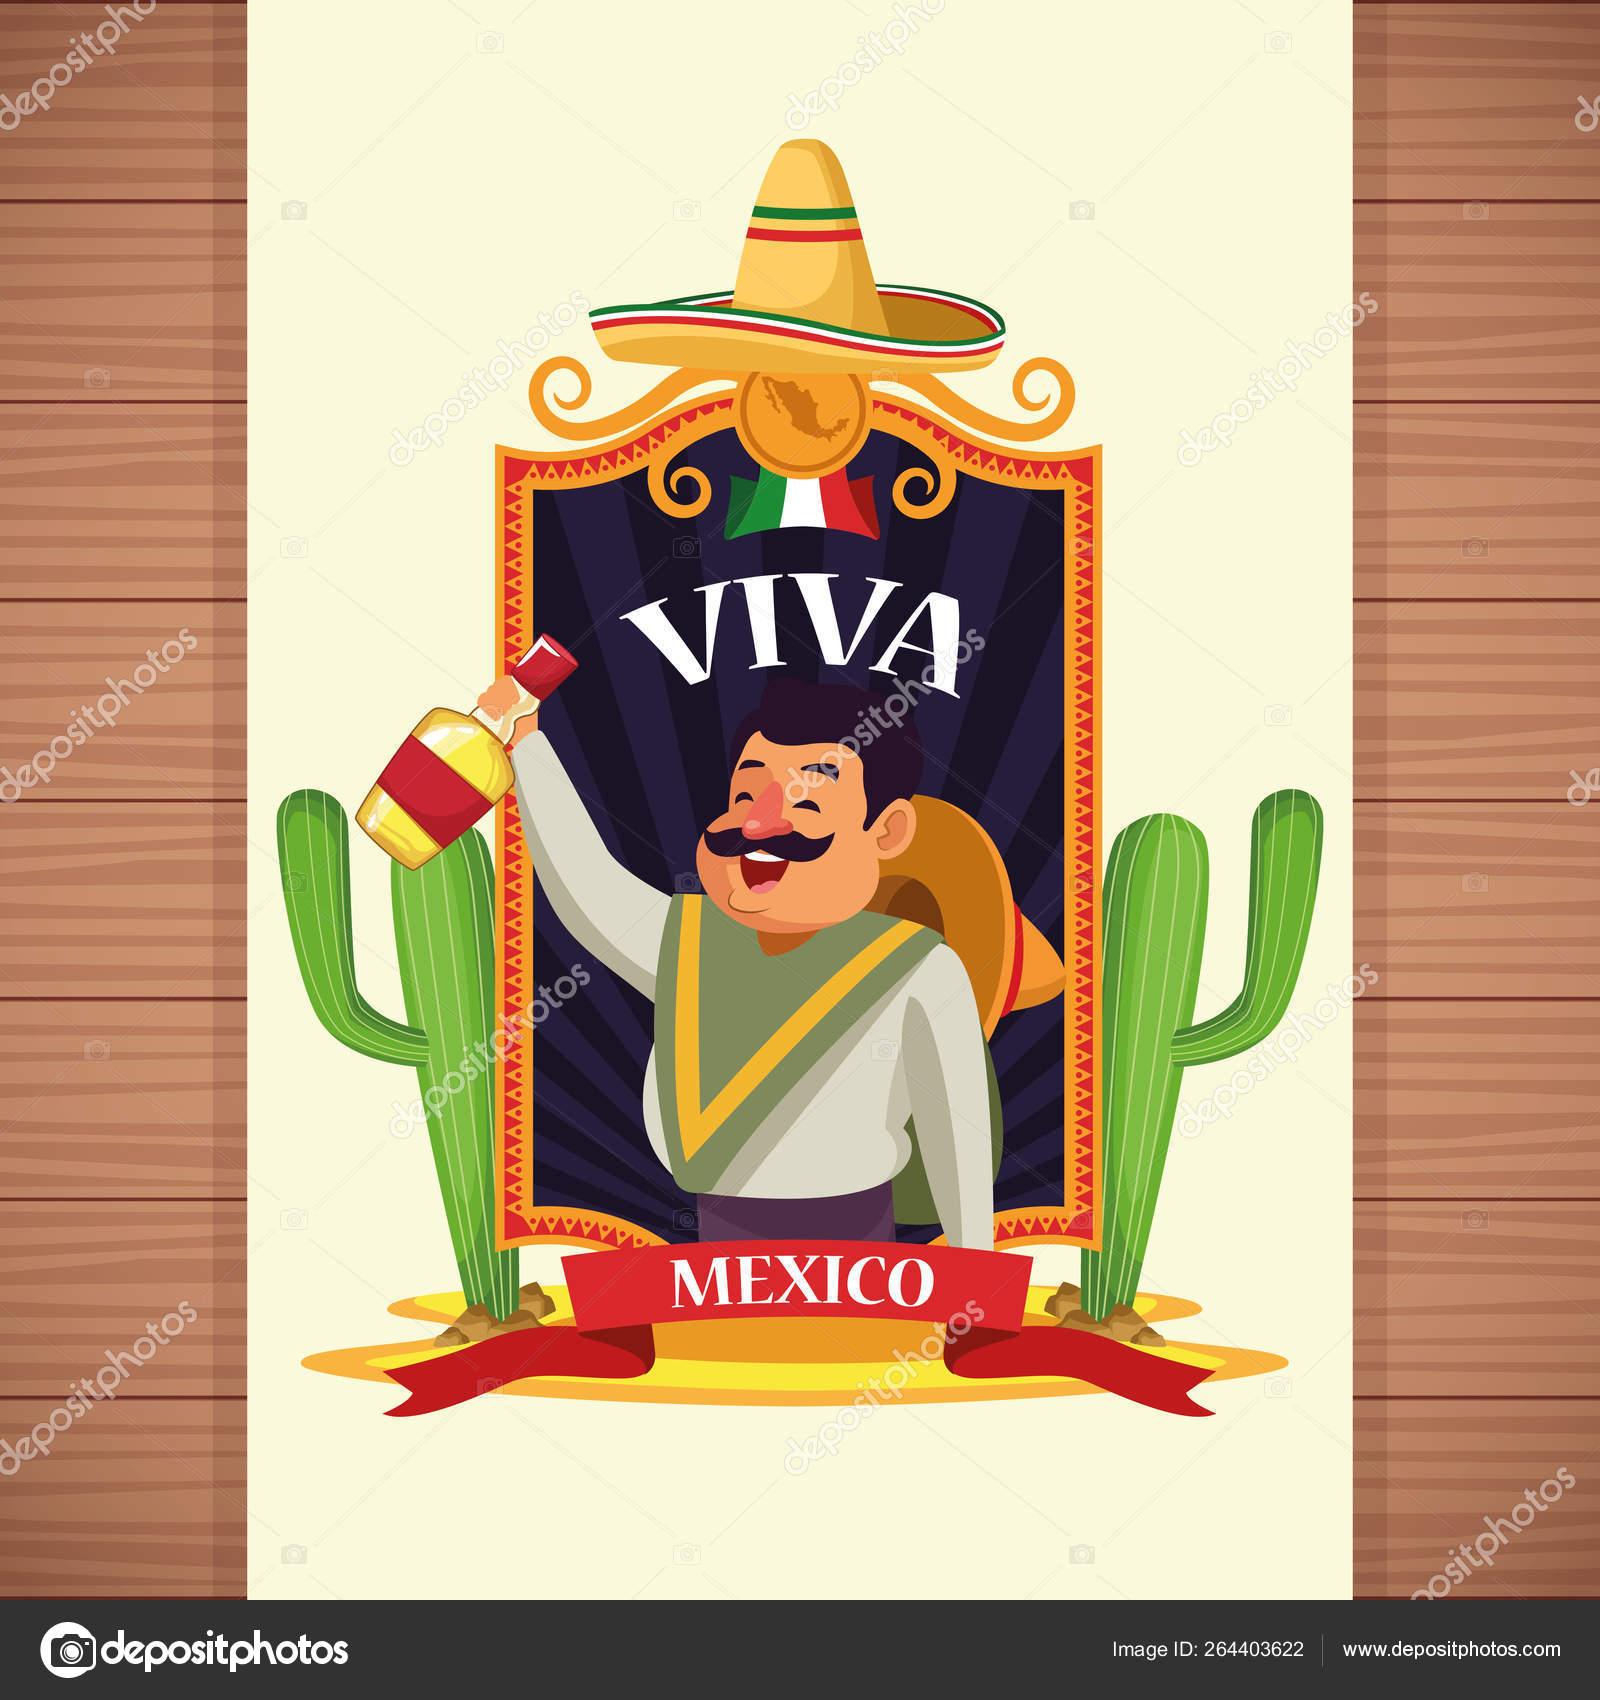 Viva Mexico Cartoons Stock Vector C Jemastock 264403622